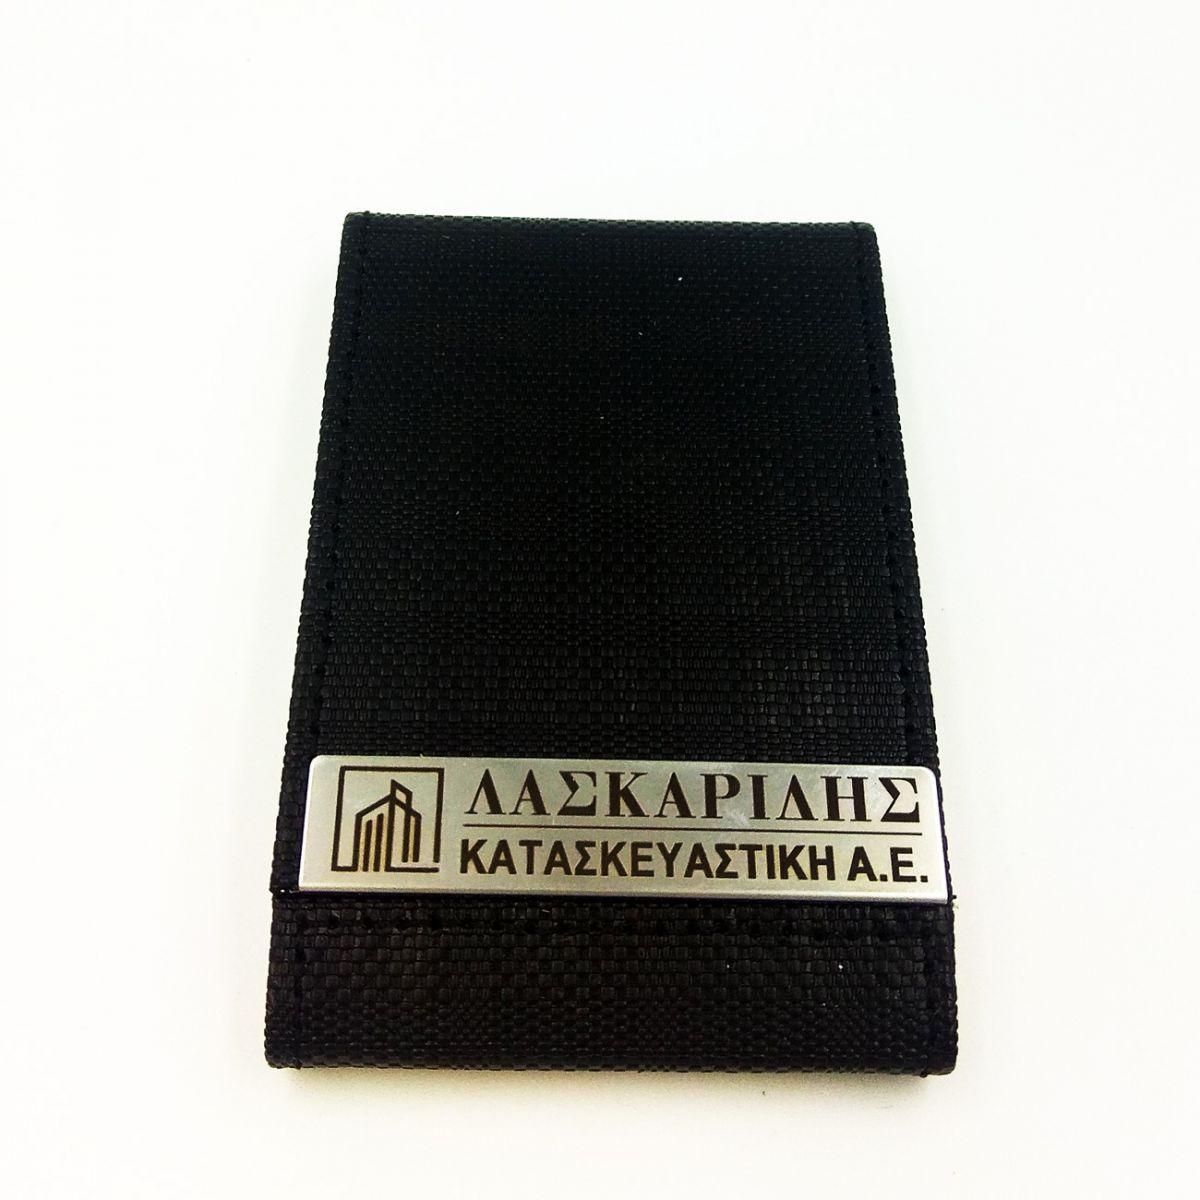 Θήκες επαγγελματικών καρτών